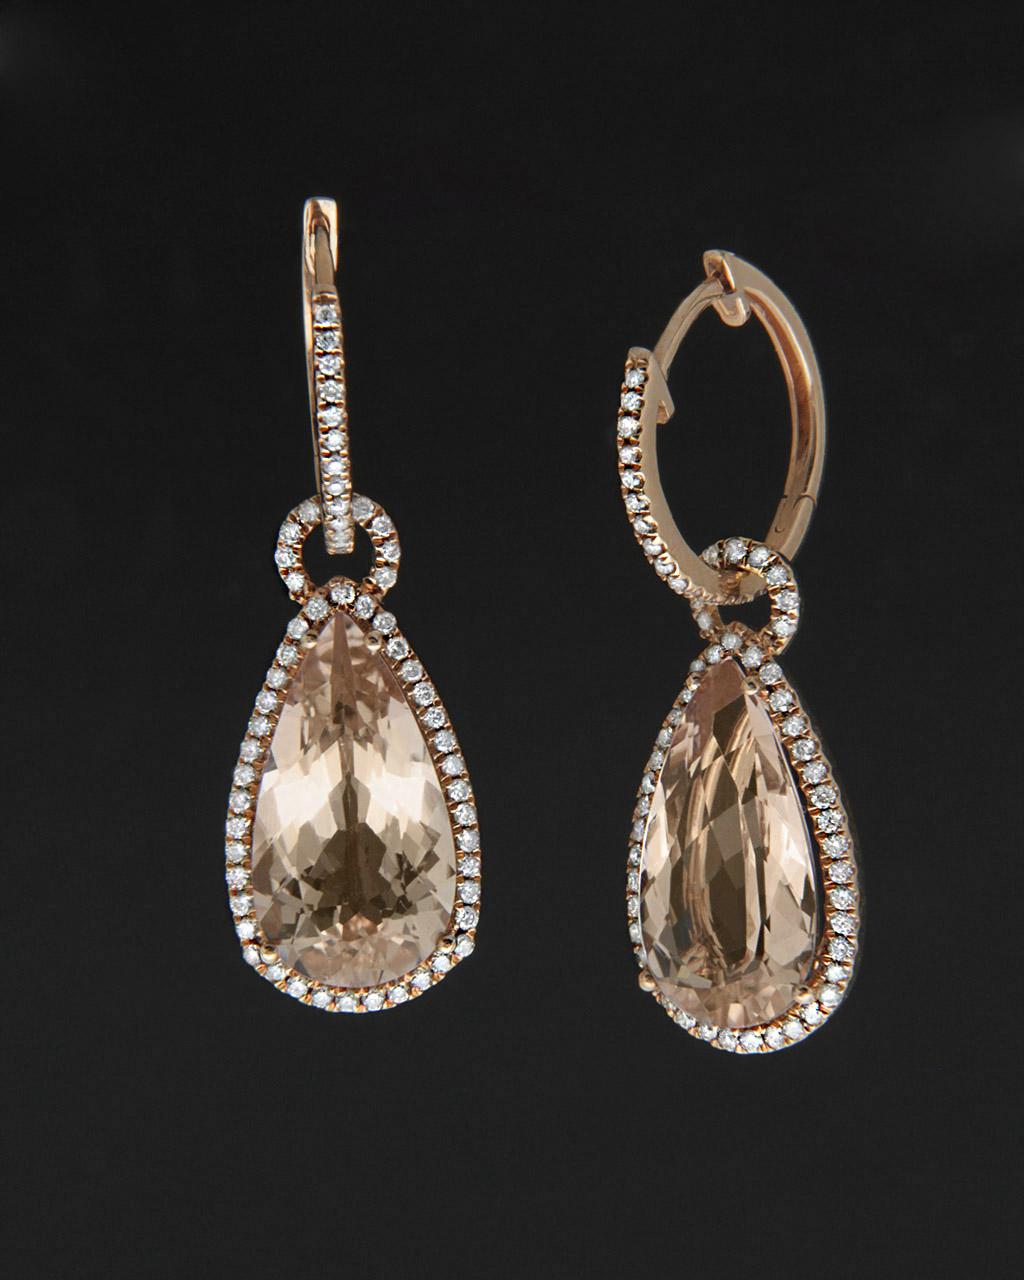 Σκουλαρίκια ροζ χρυσά Κ18 με Διαμάντια & Μοργκανίτη   γαμοσ νυφικό κόσμημα